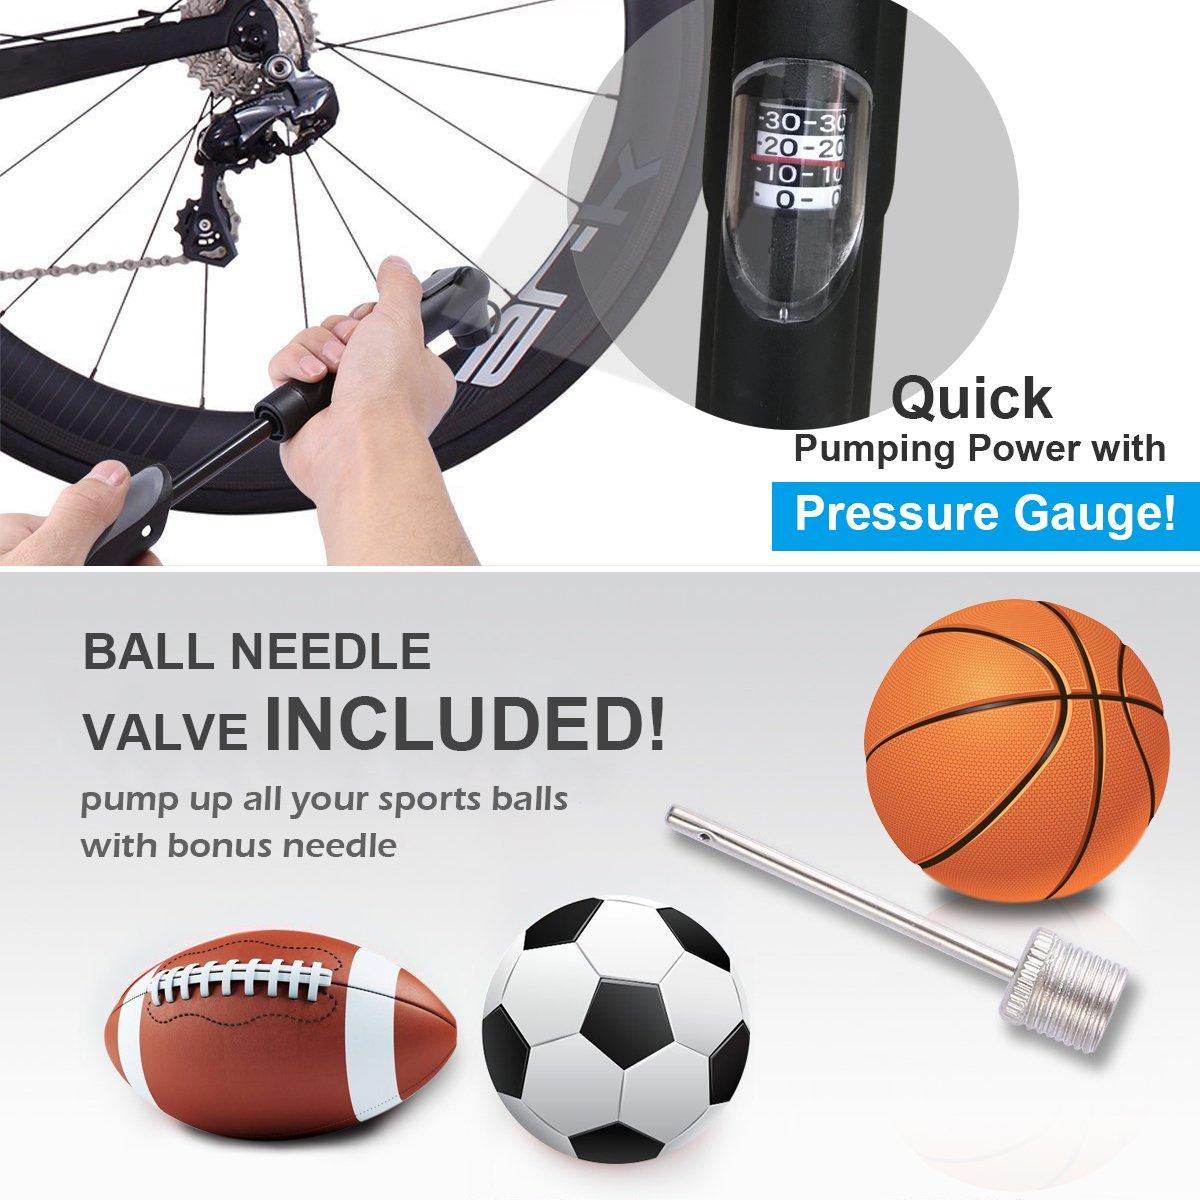 pompe /à billes Diyife Mini pompe /à v/élo colle sans colle et sac /à main portable Kit Freehand pour le football le volley-ball et les pneus de v/élo 120 PSI le basket-ball aiguille haute pression